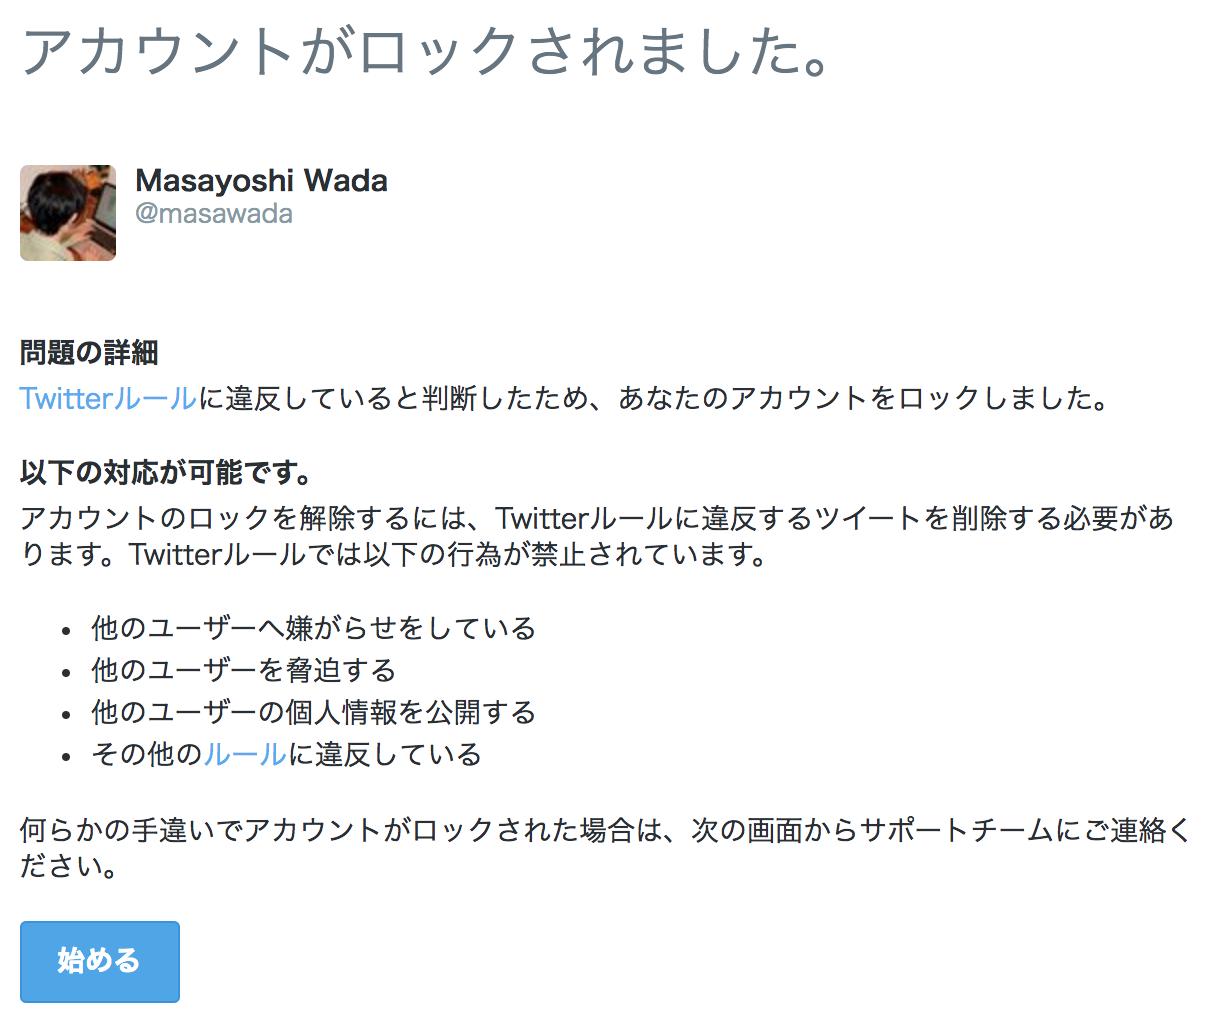 f:id:masawada:20170930112653p:plain